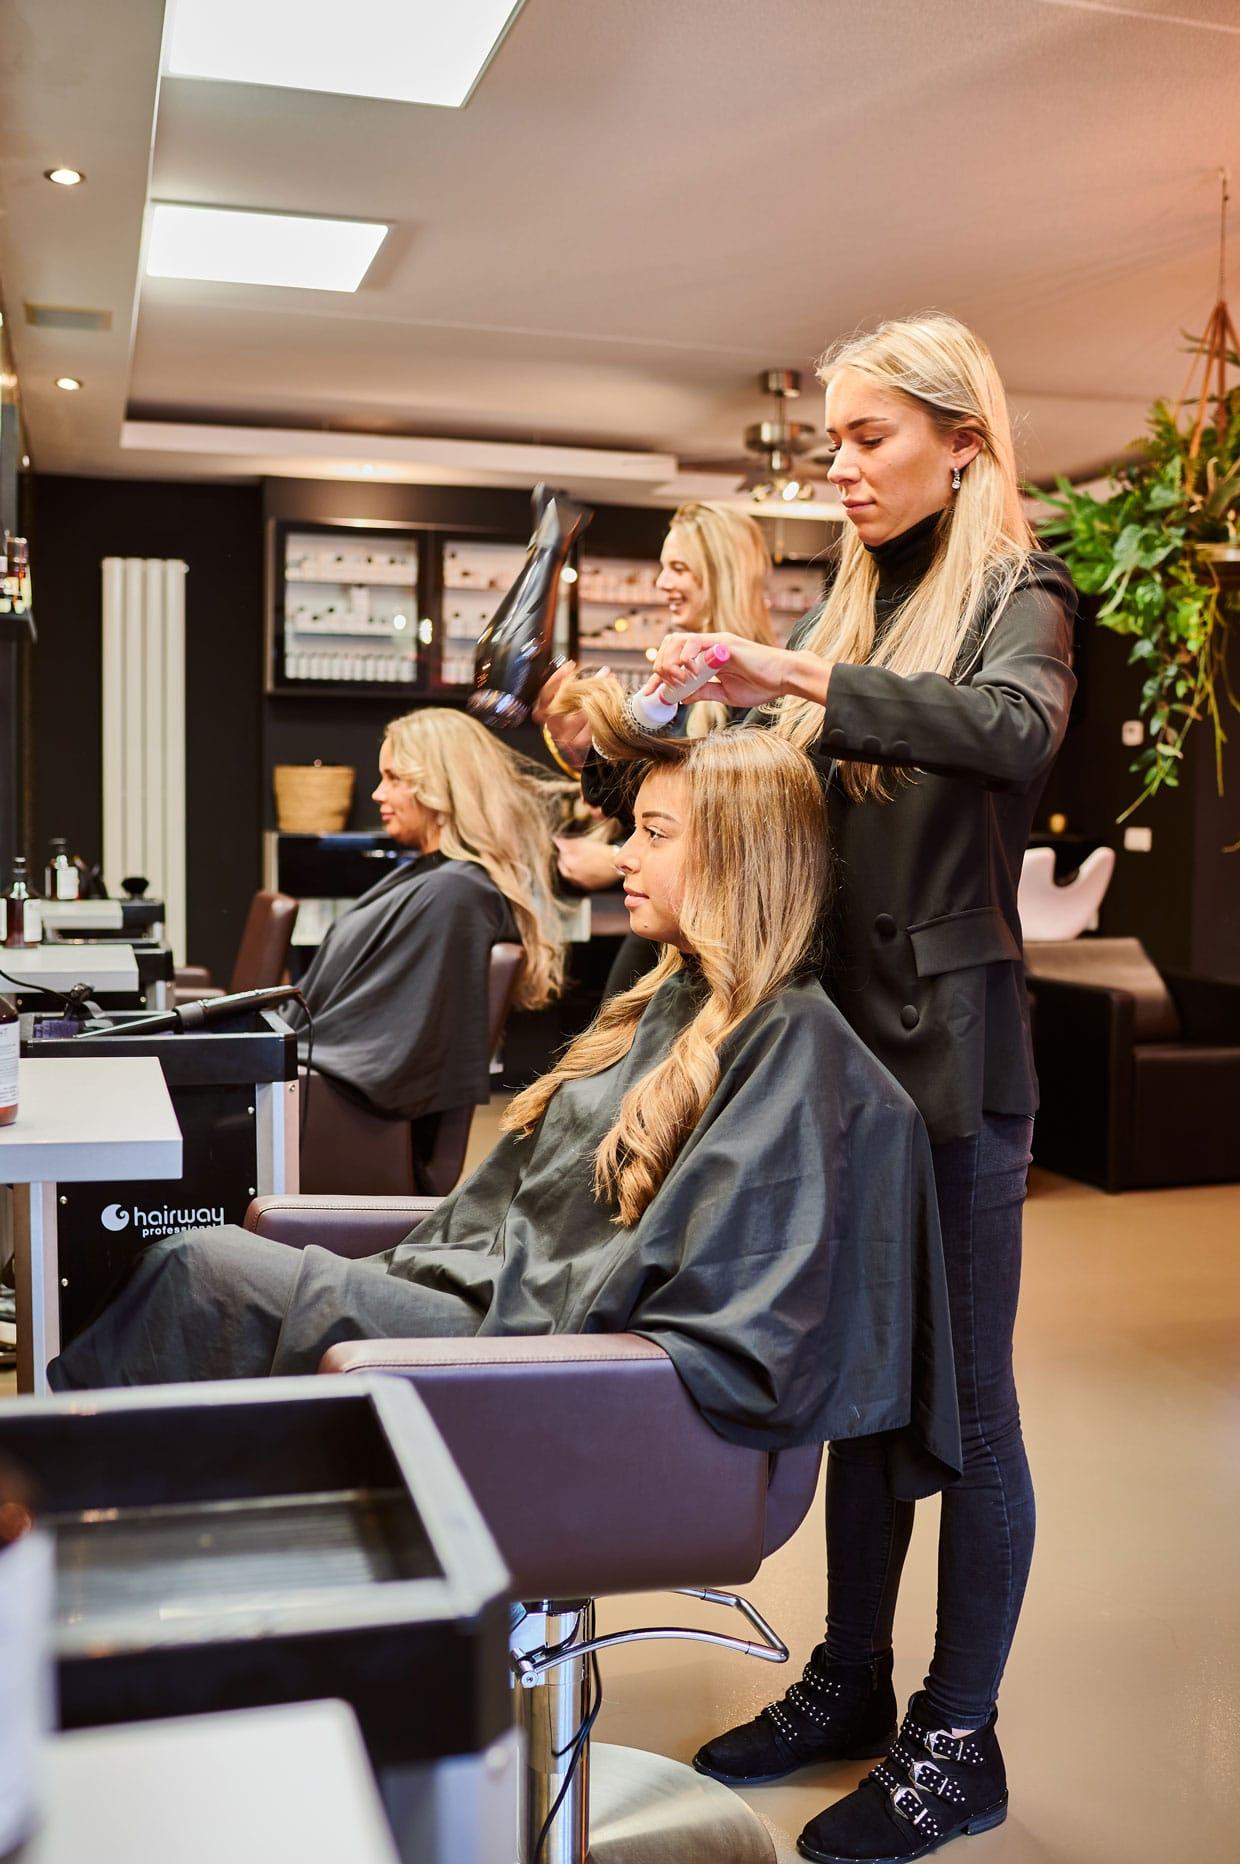 Foam Haarstudio, haar-föhnen klant.